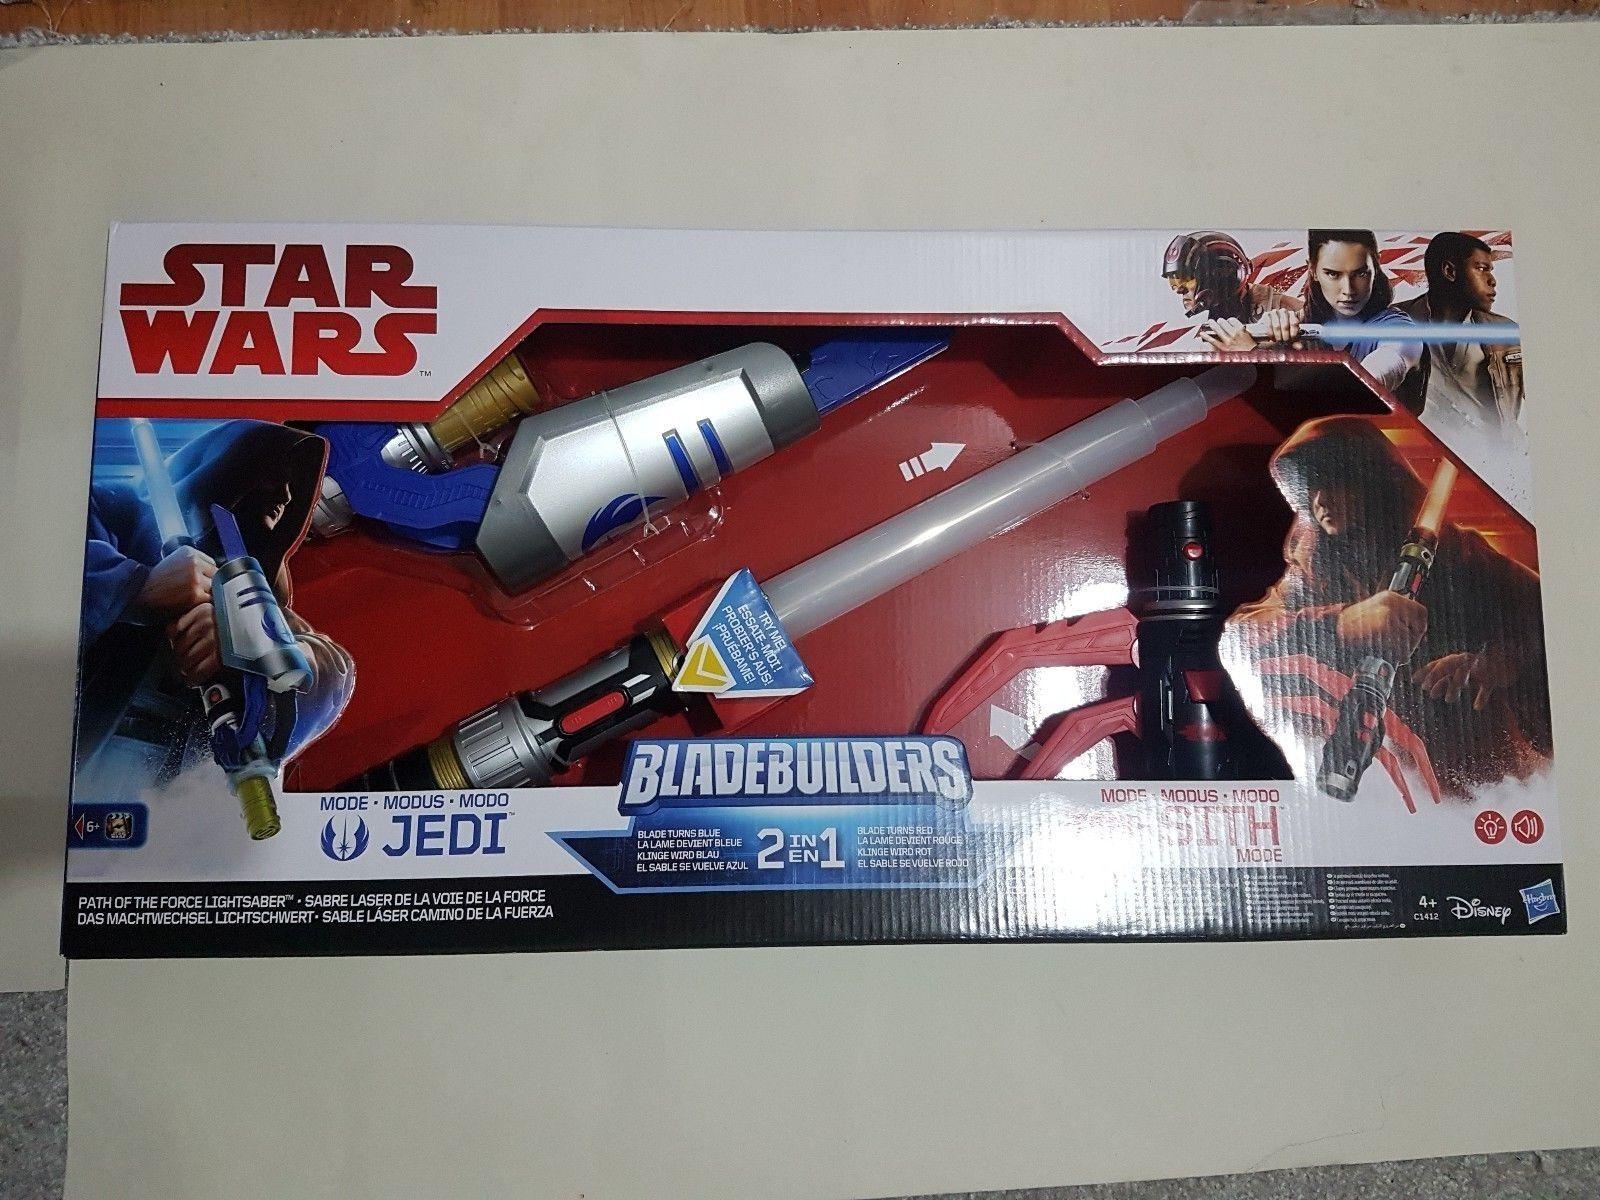 Star wars Bladebuilders  Modo Jedi Modo Sith 2 in 1